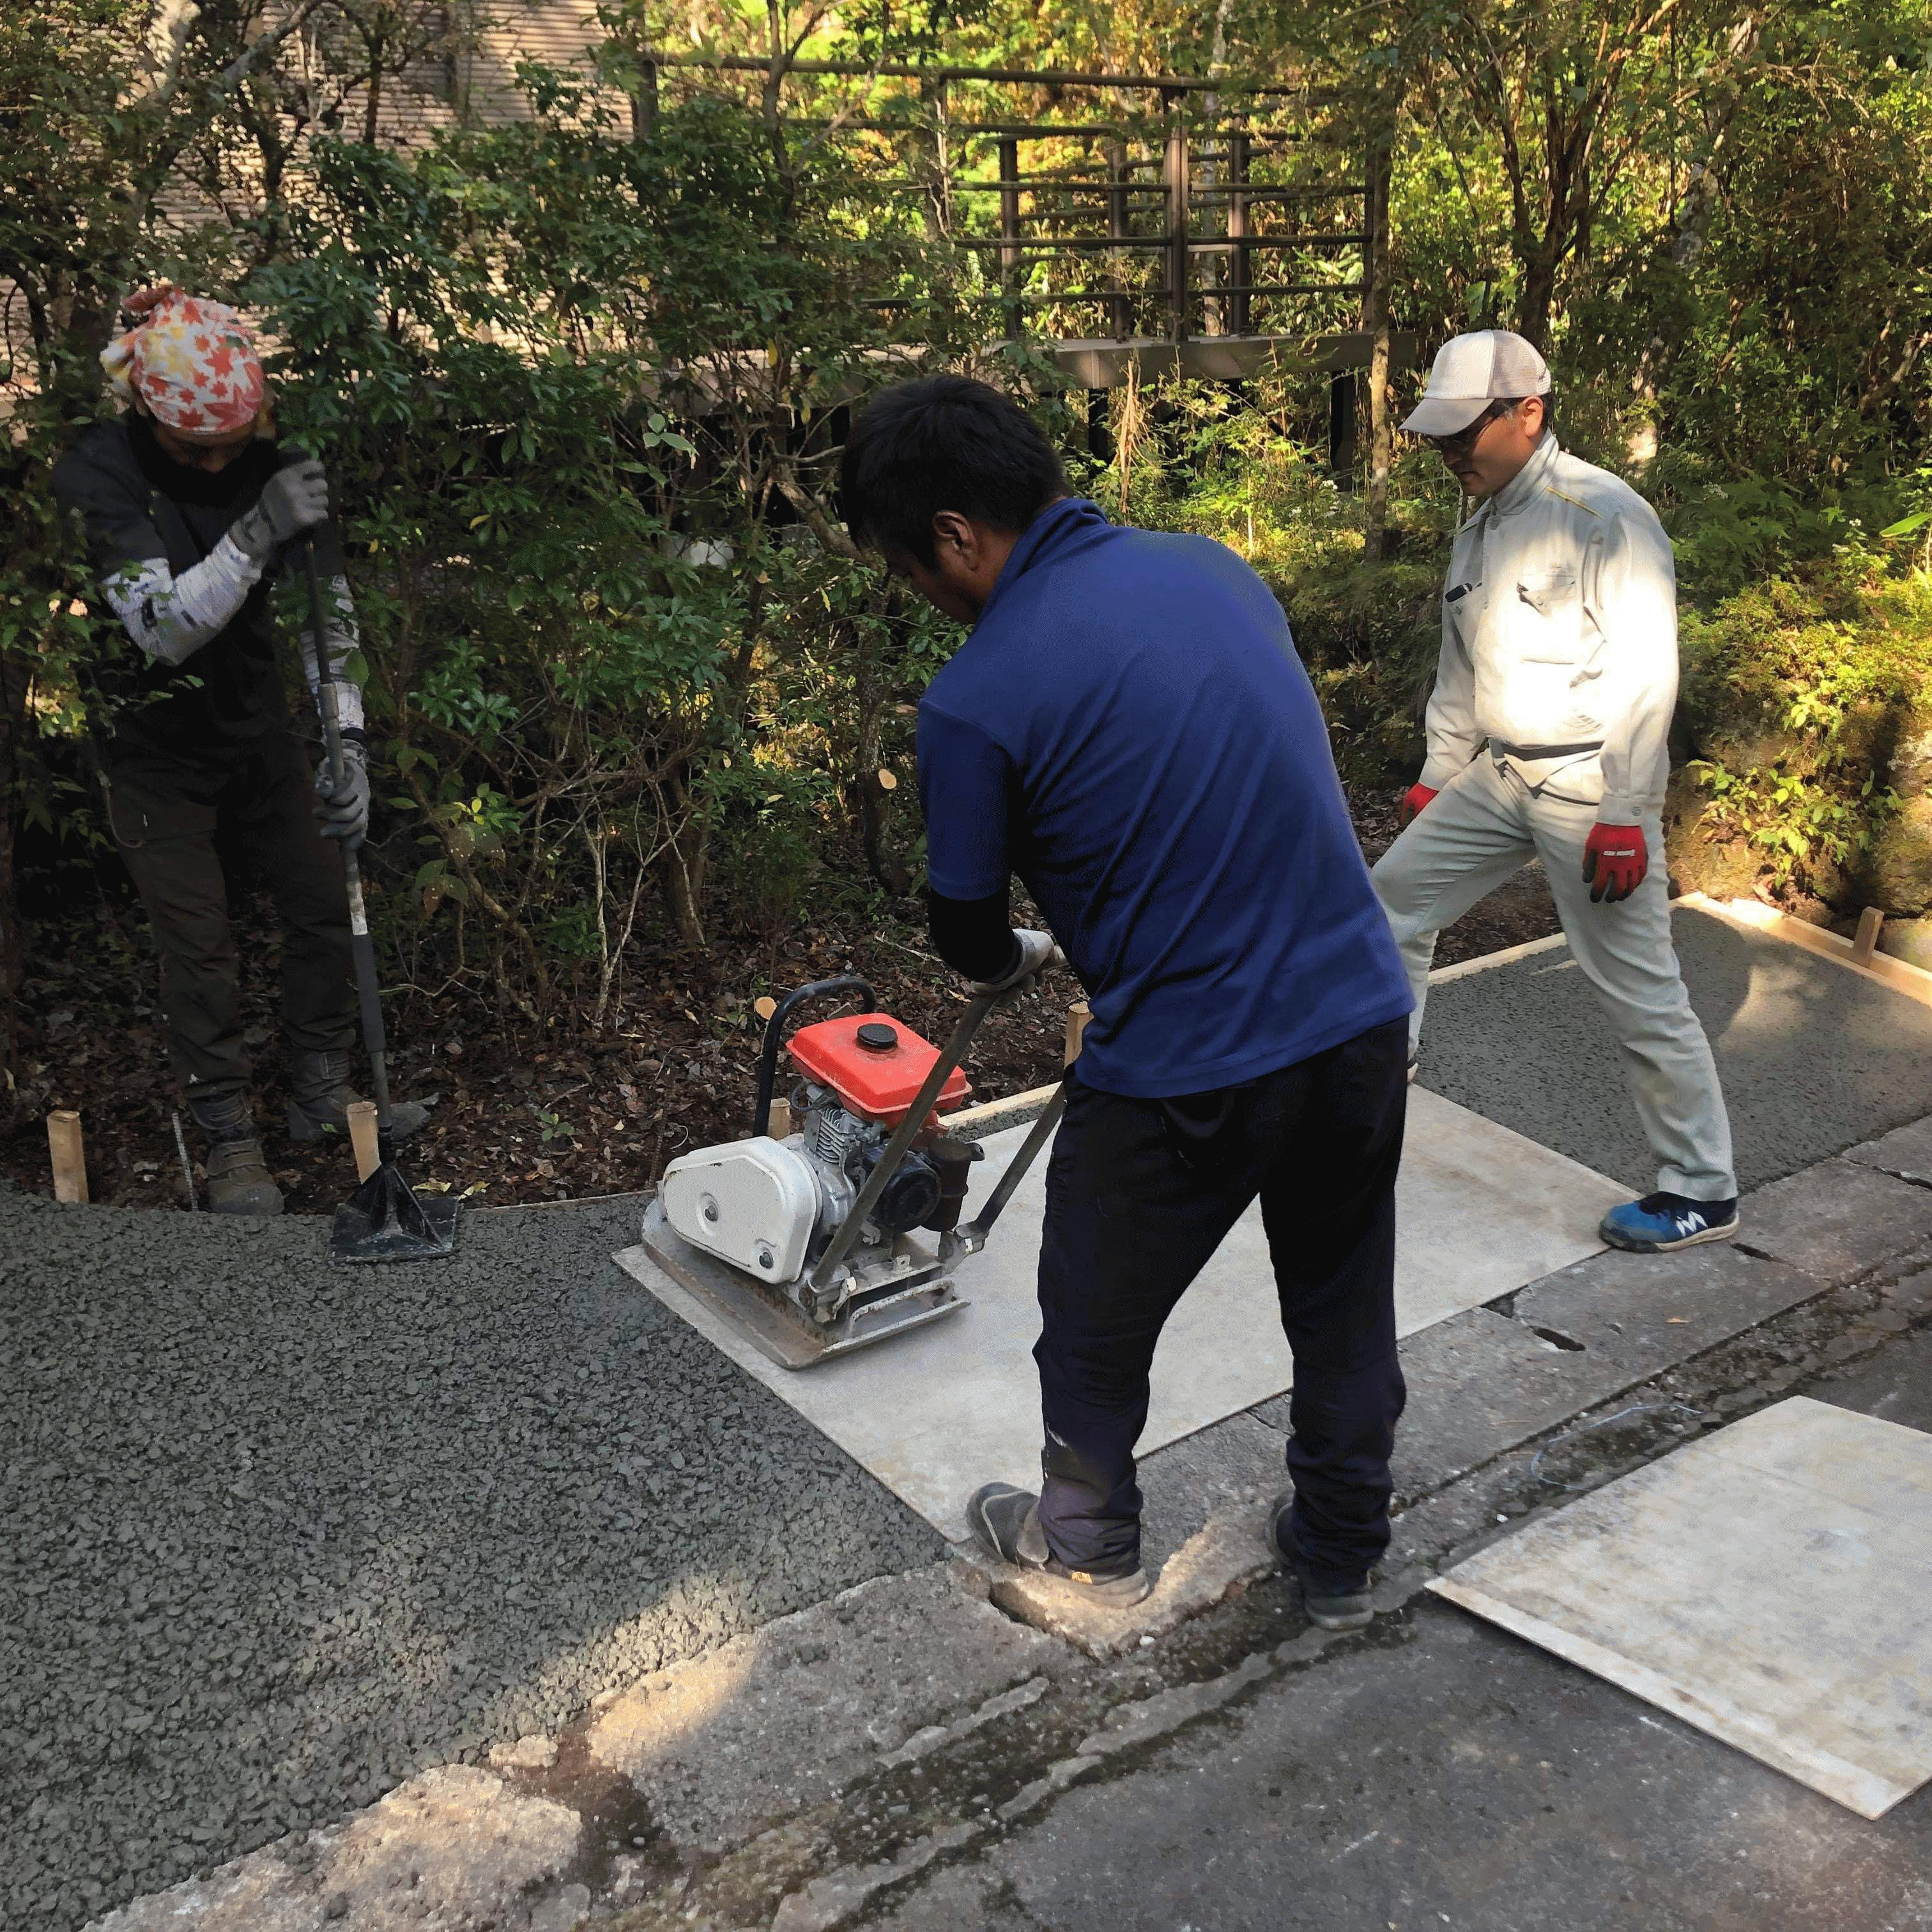 【静岡】「土間コンよりも、断然こっちが好き」「土間コンだと投光器つけて夜までかかる」富士西麓ガーデン